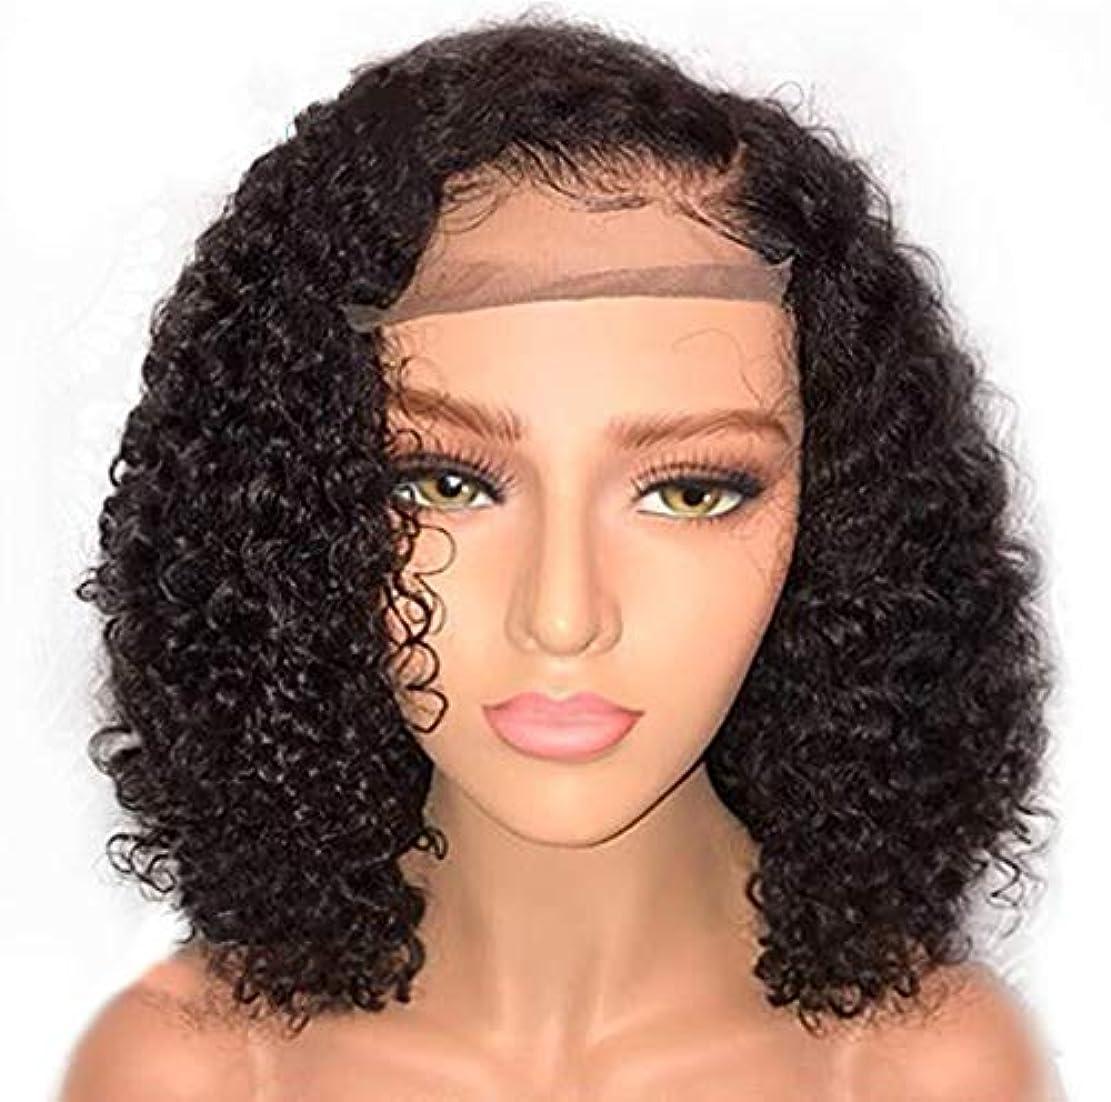 アカウントおばさん有害な女性かつらカーリー13 * 4レース前頭かつら合成ブラジル髪かつらフルエンド赤ちゃん髪150%密度黒30センチ